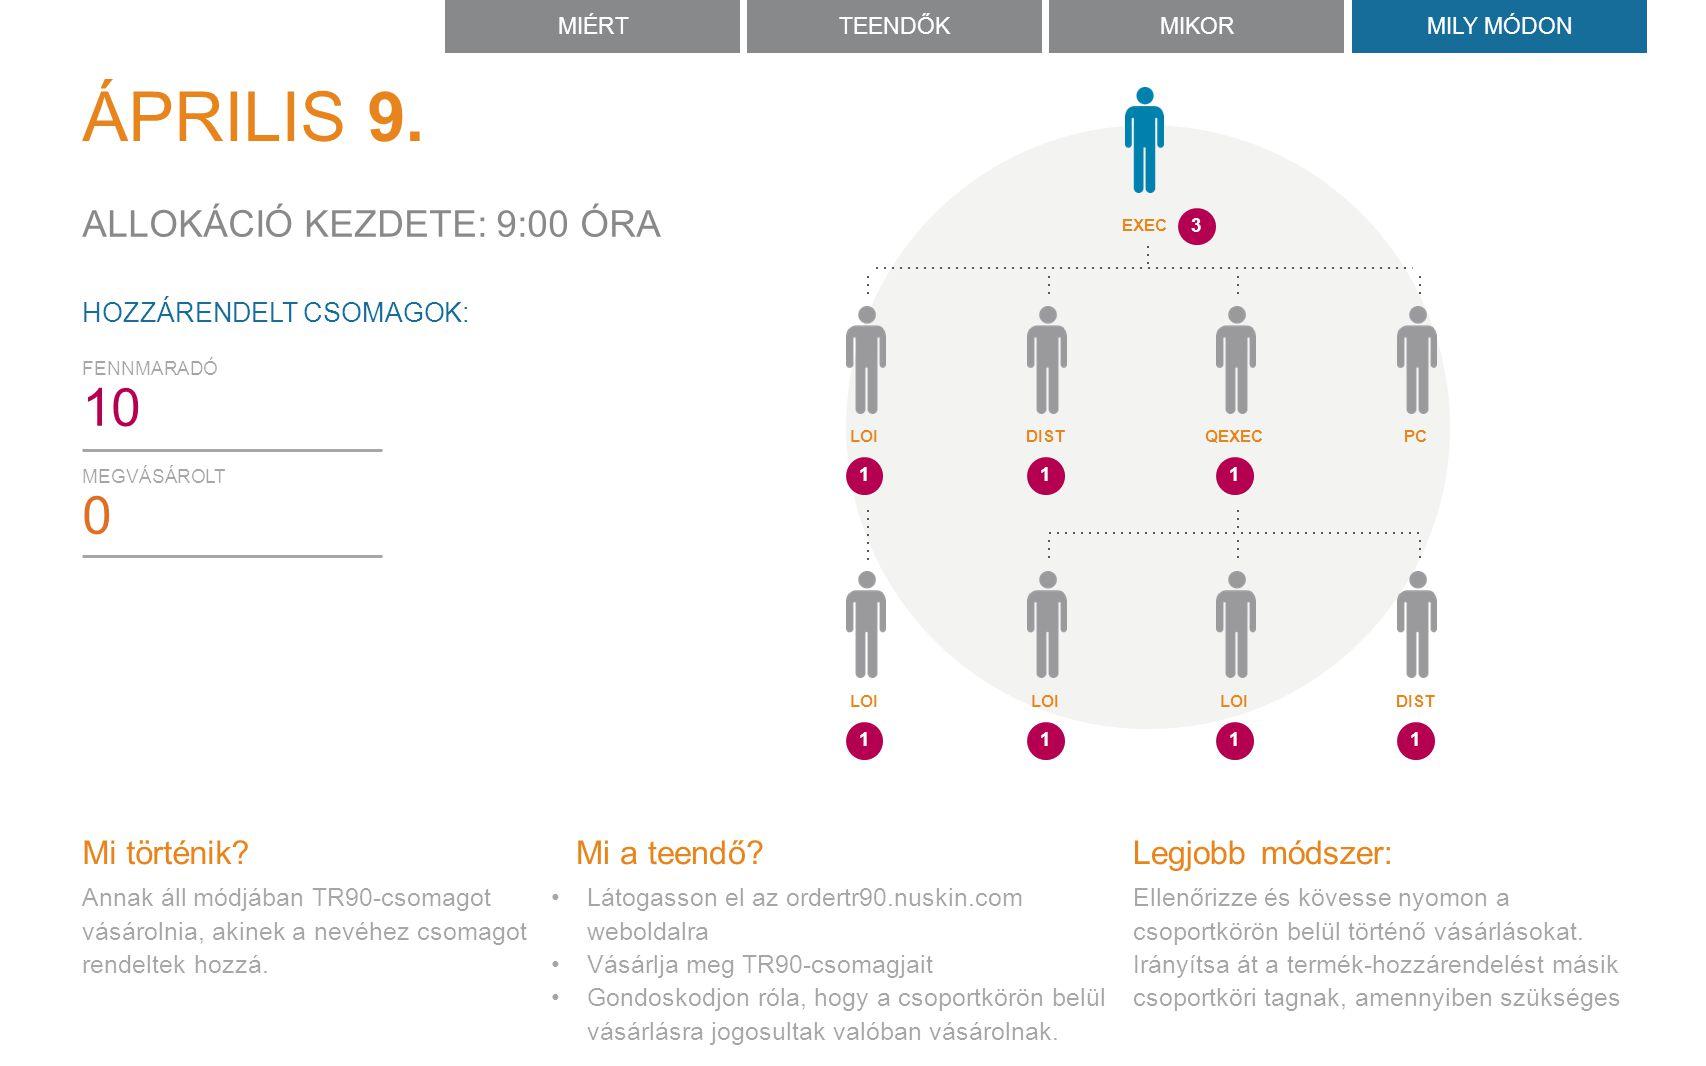 A készlet áthelyezés (újraallokáció) mindaddig lehetséges, amíg a termék el nem kelt On-line rendelés: ordertr90.nuskin.com Fizetés: kizárólag bankkártyával (előtte ellenőrizze a rendelkezésre álló fedezetet) Fontos információ: Az LTO április 9-én 09:00 órakor (CEST) kezdődik Korlátozott árukészlet.